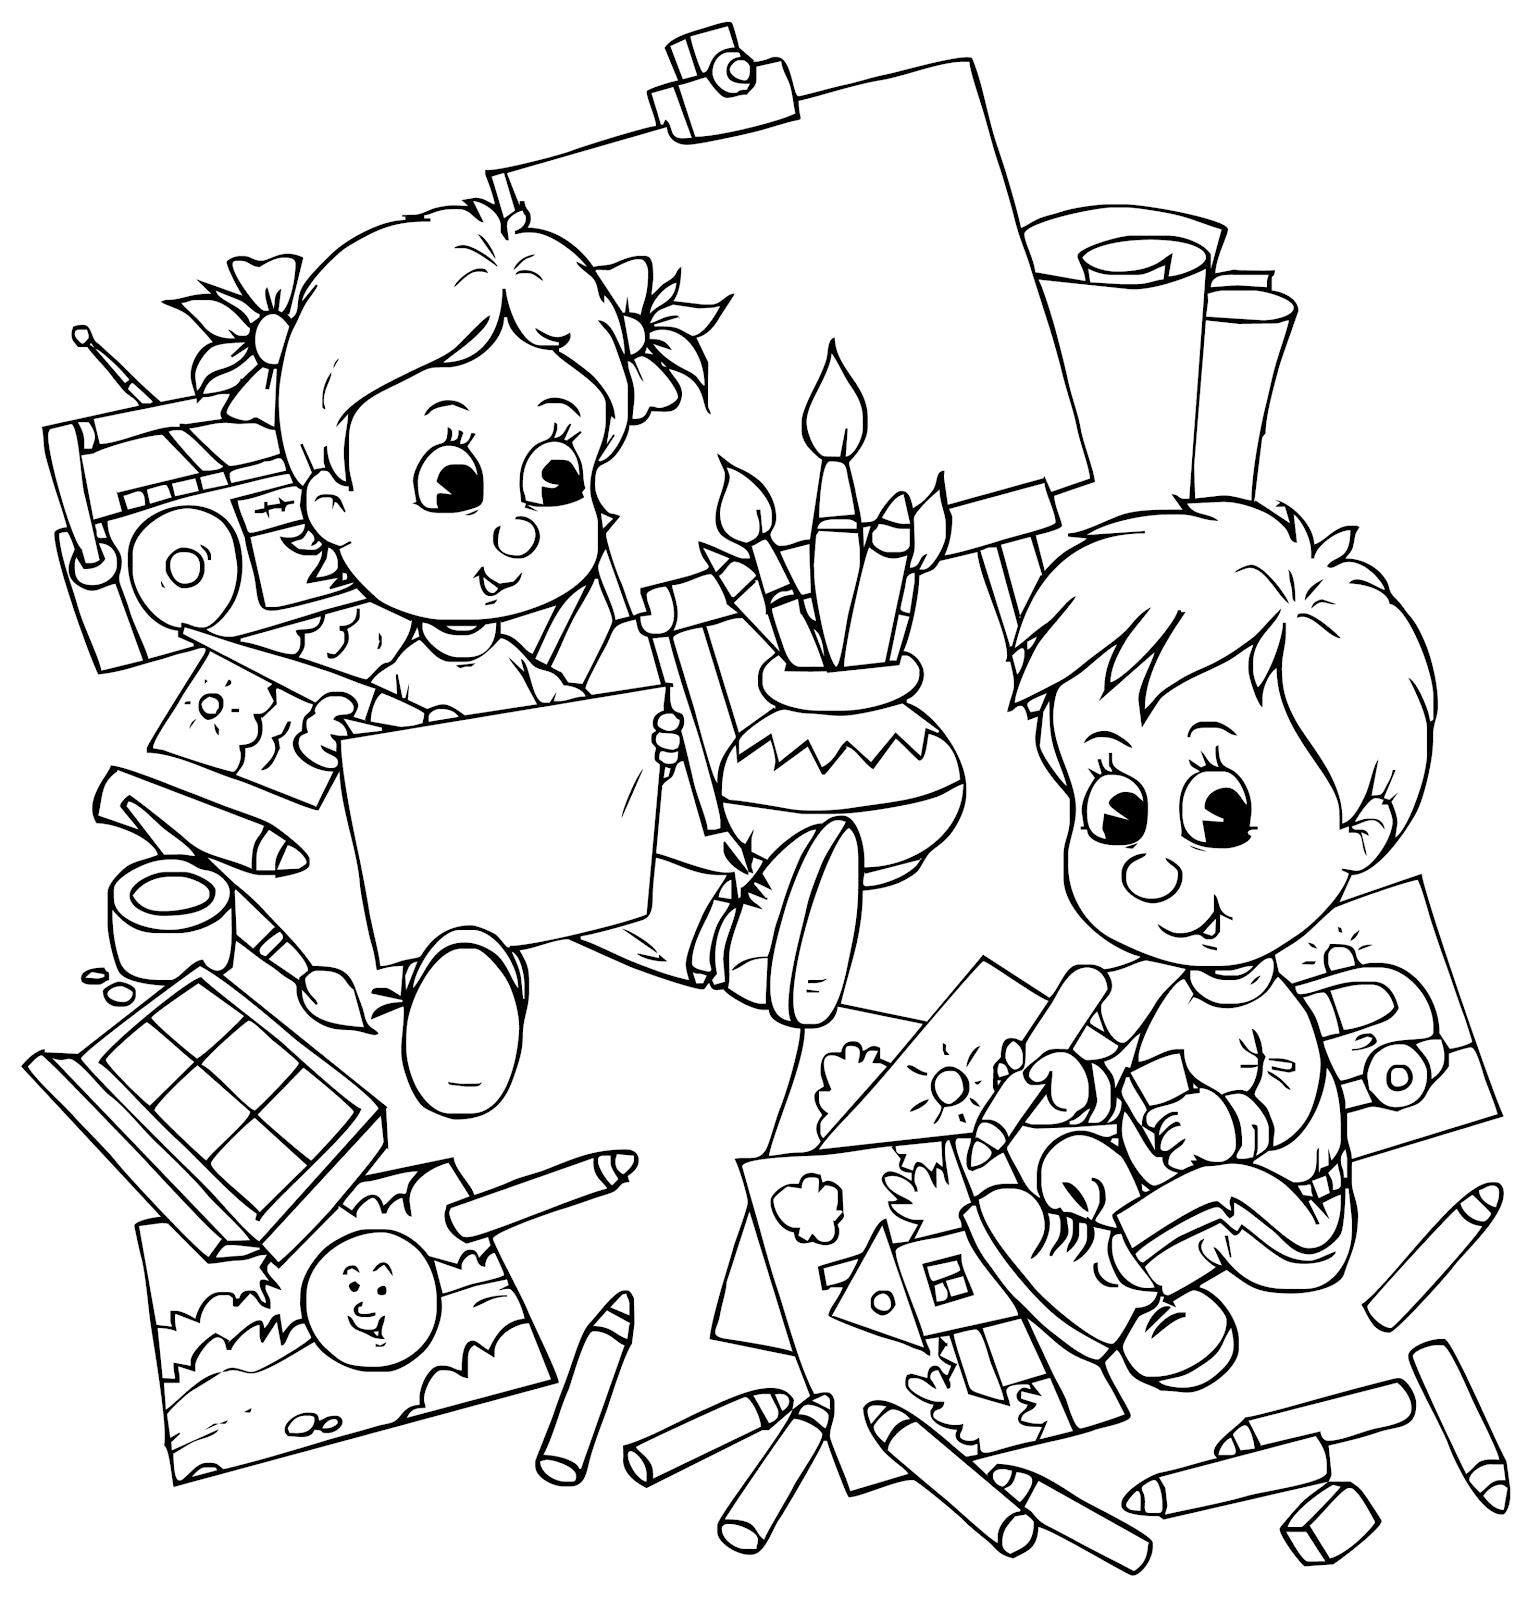 jocuri pentru copii mari i mici plan e de colorat cu activit i pentru copii. Black Bedroom Furniture Sets. Home Design Ideas